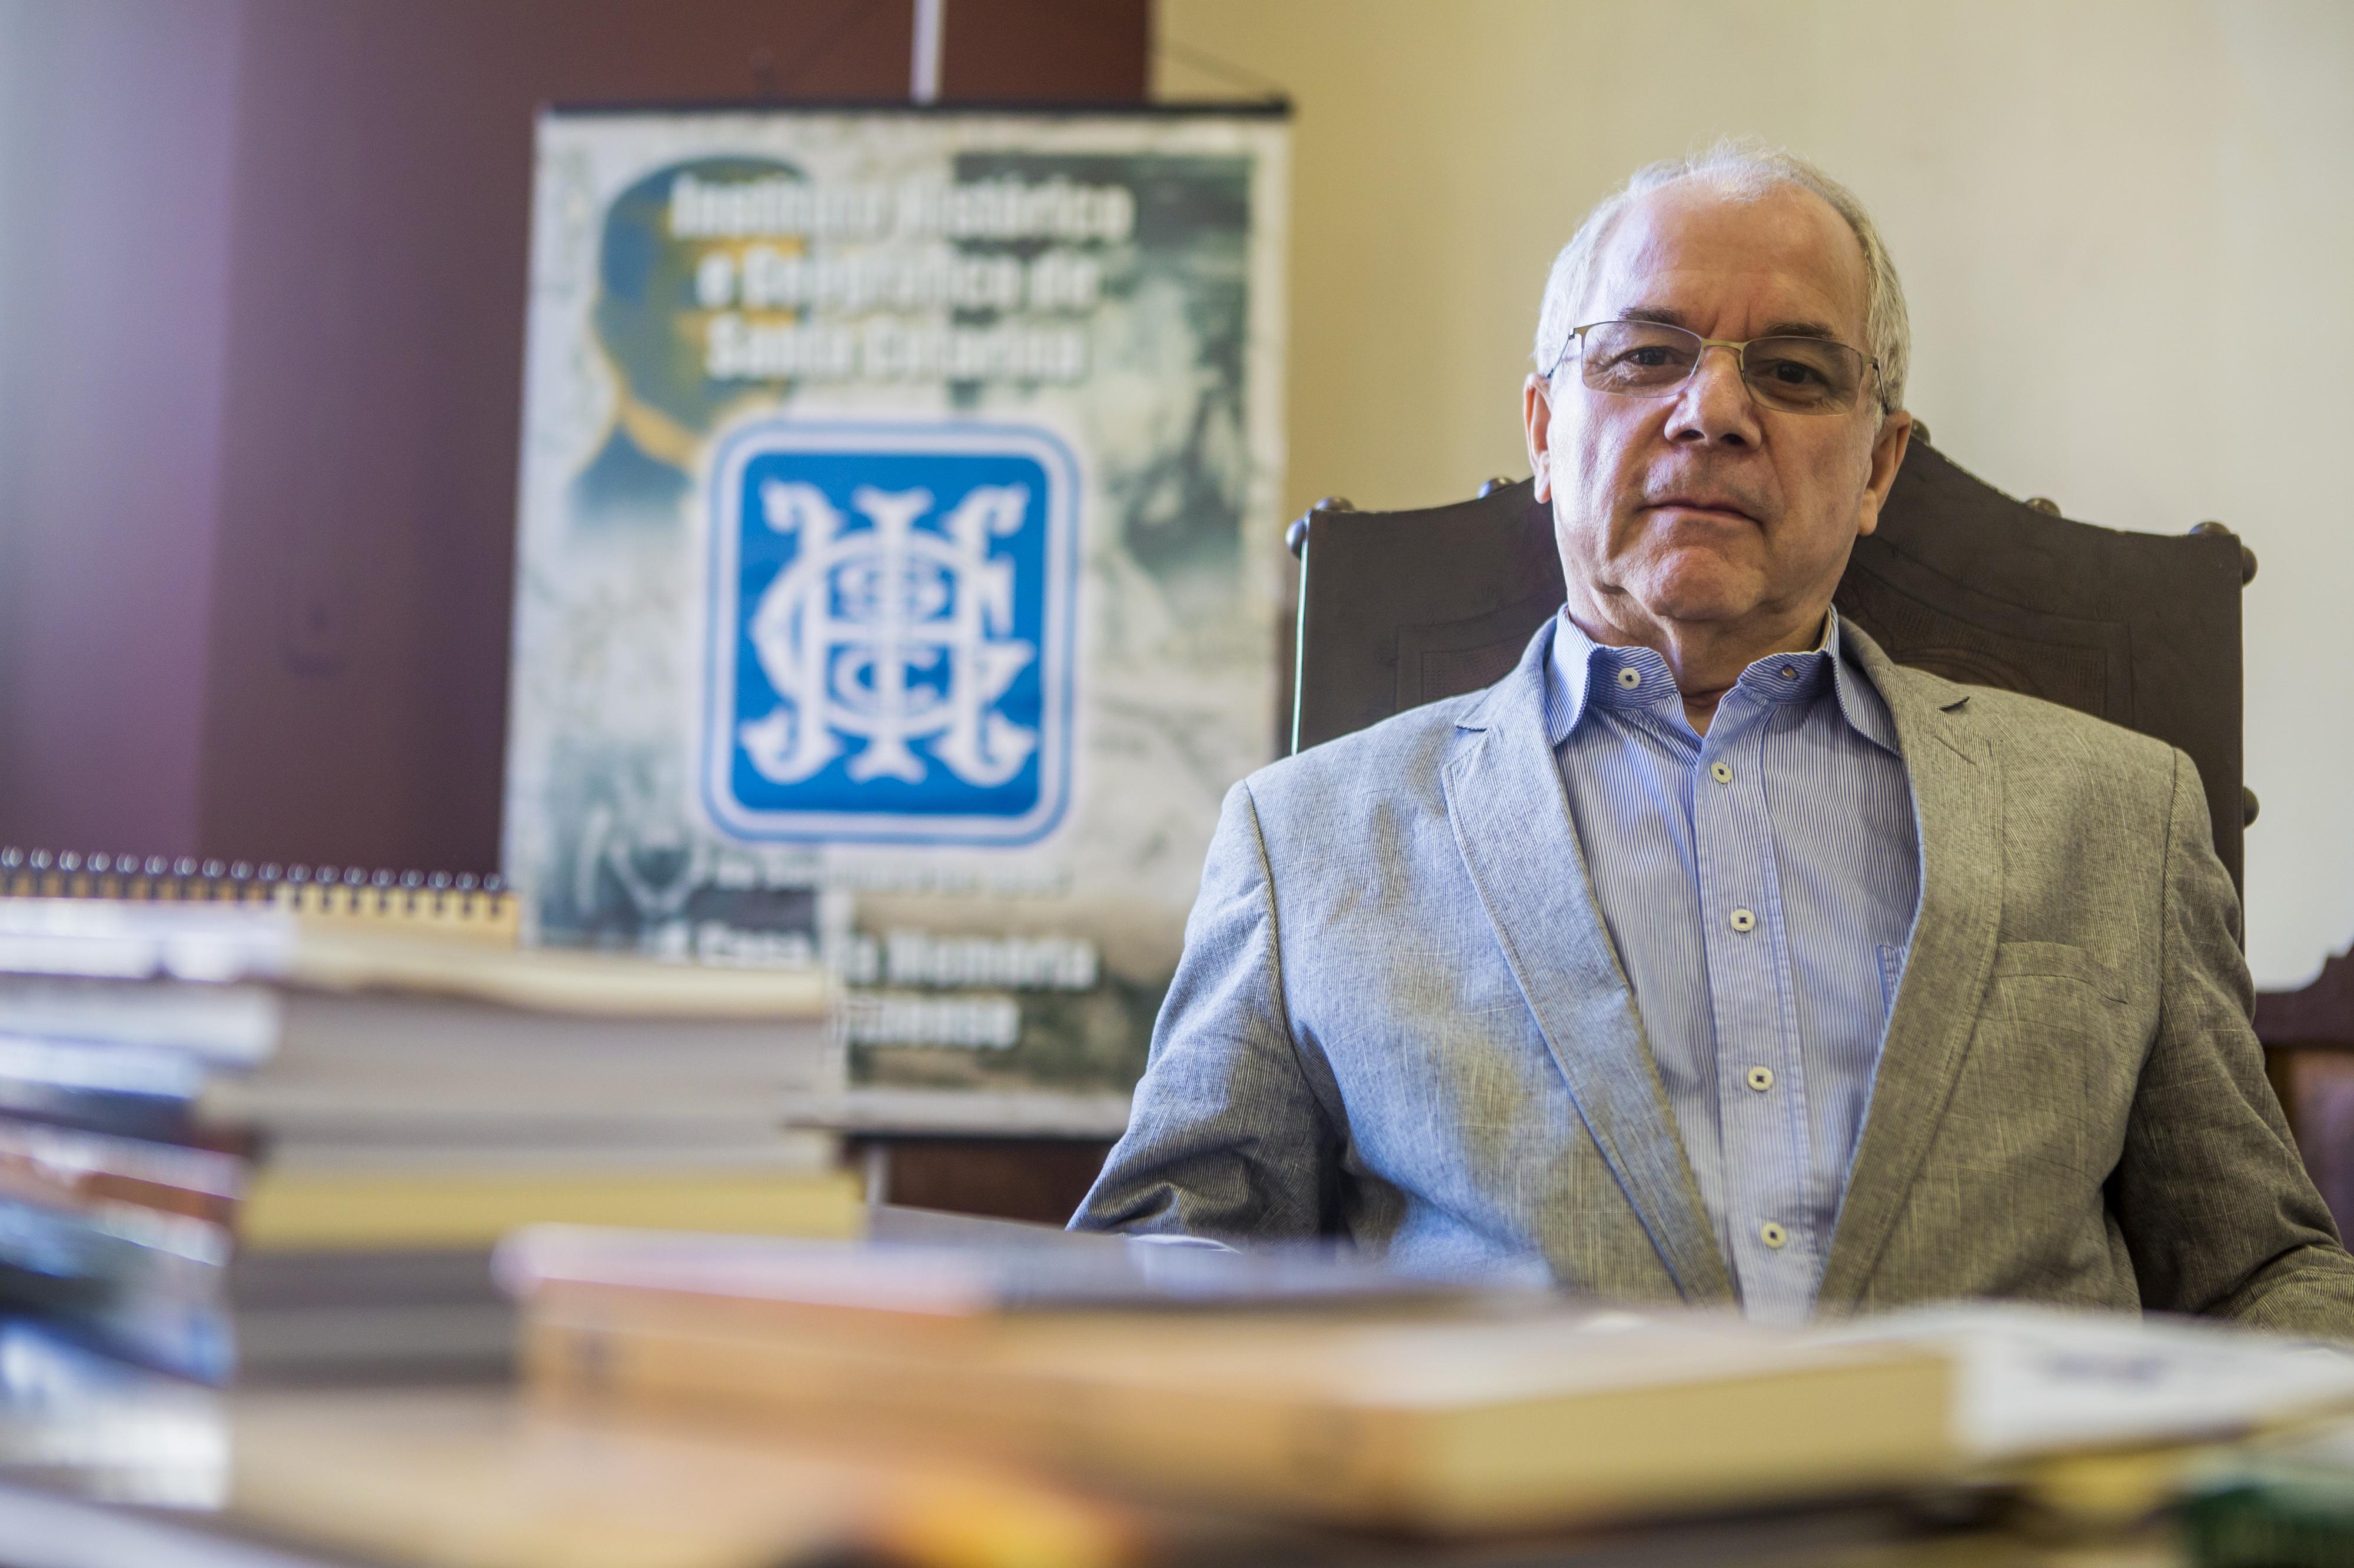 Presidente do instituto, Augusto César Zeferino, organizou a programação de aniversário - Flávio Tin/ND